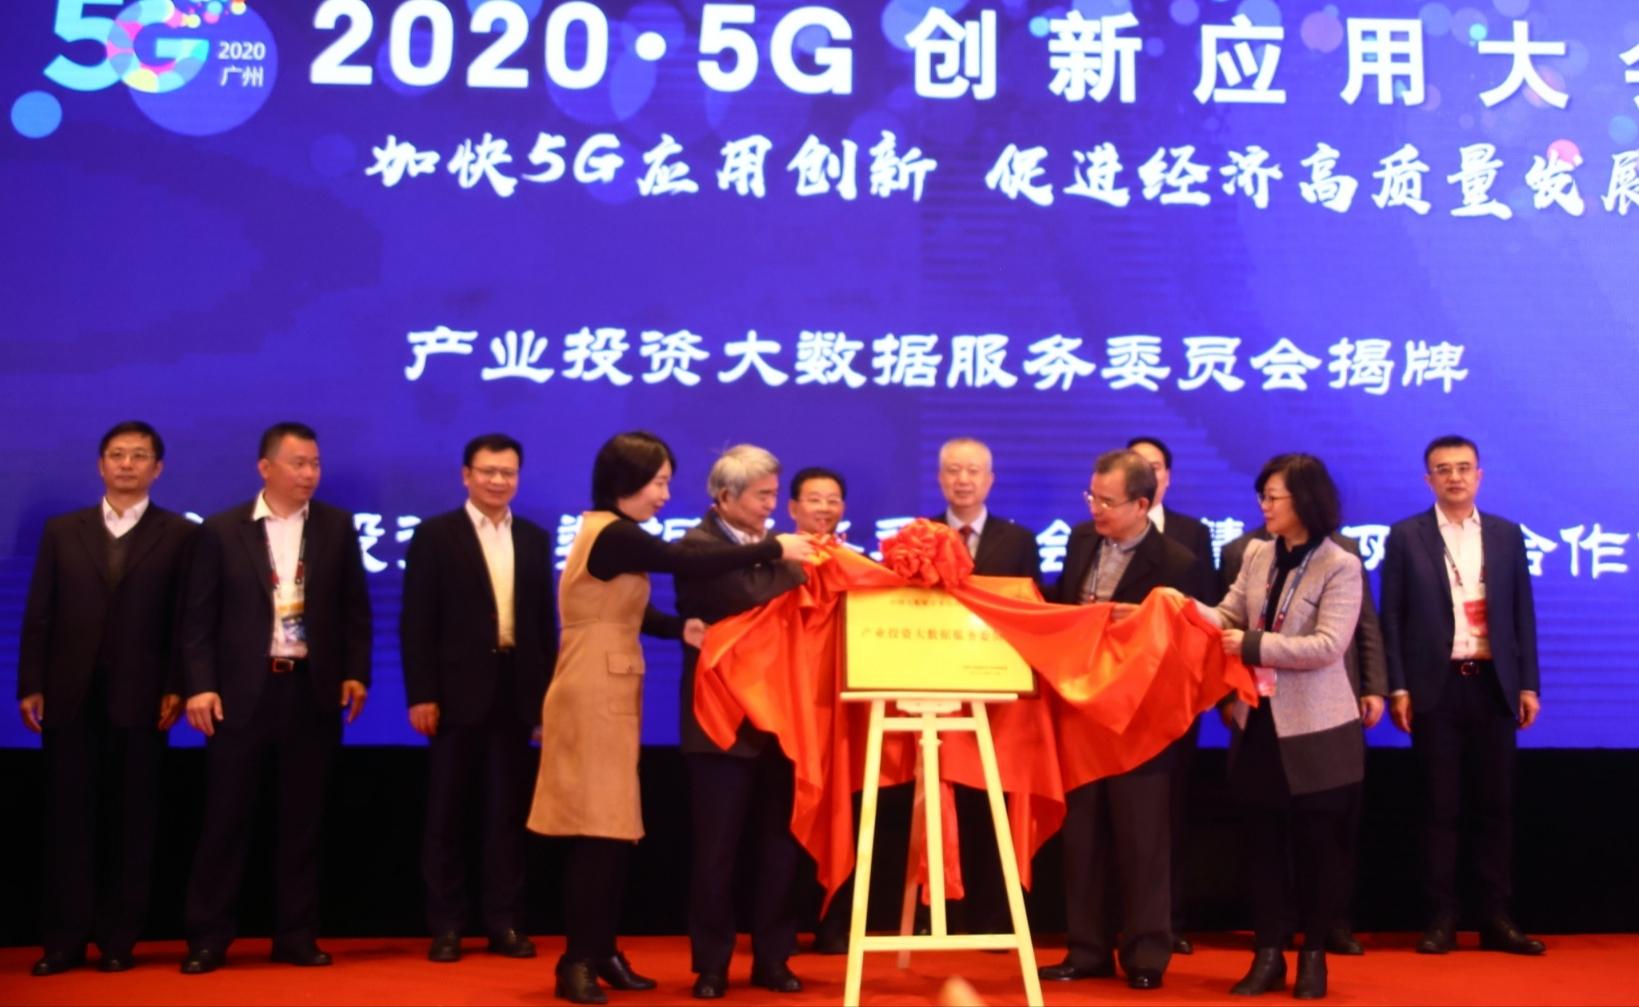 2020年5G大会圆满落幕,多位重量级嘉宾见证产业投资大数据服务委员会正式揭牌